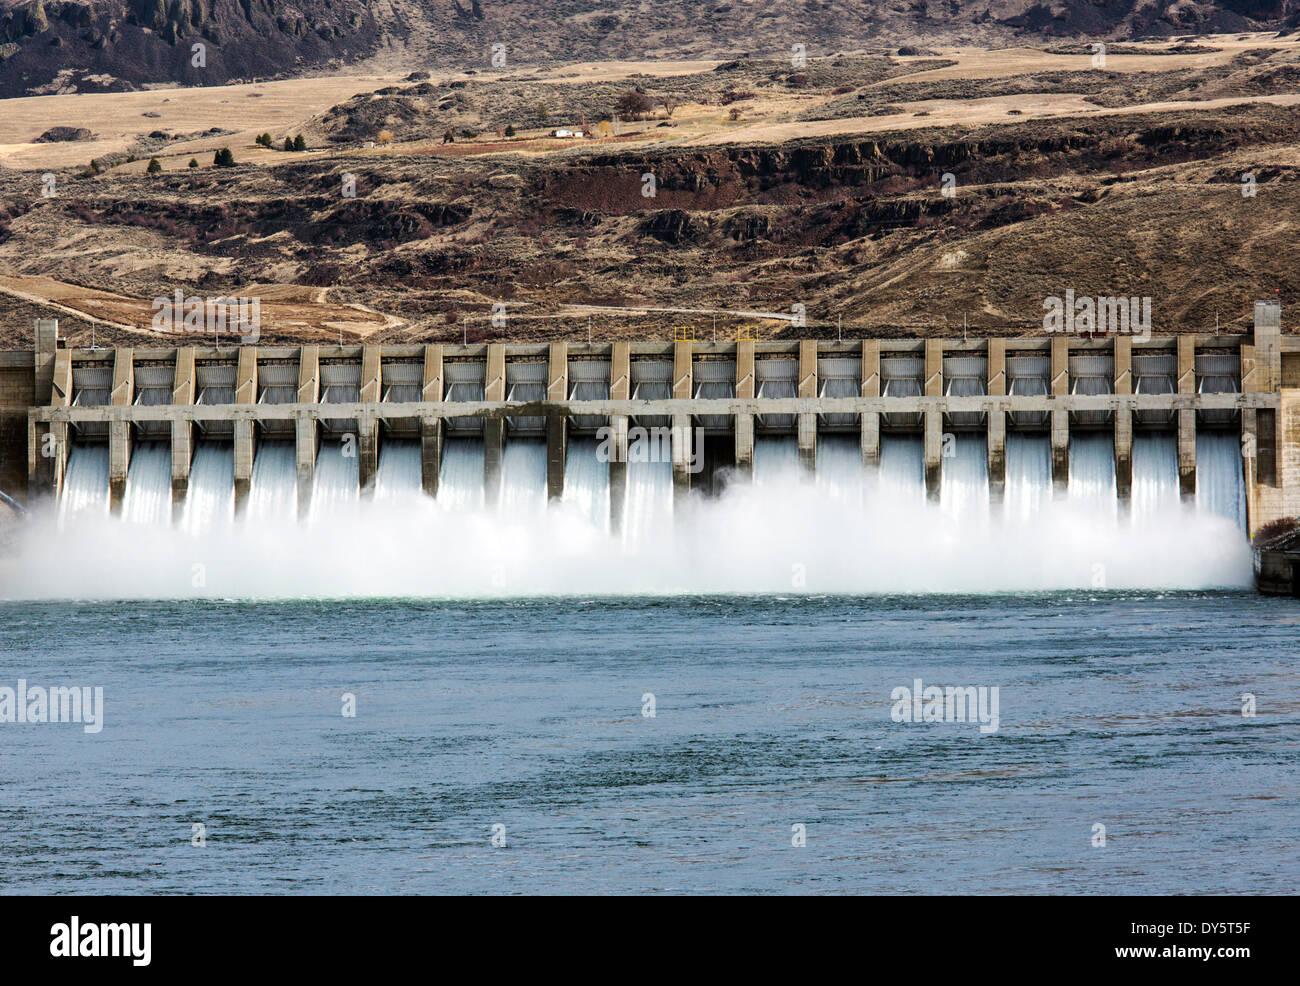 Le chef Joseph Barrage, deuxième plus grand producteur d'électricité en France, barrage hydroélectrique sur le fleuve Columbia, Washington State, USA Photo Stock